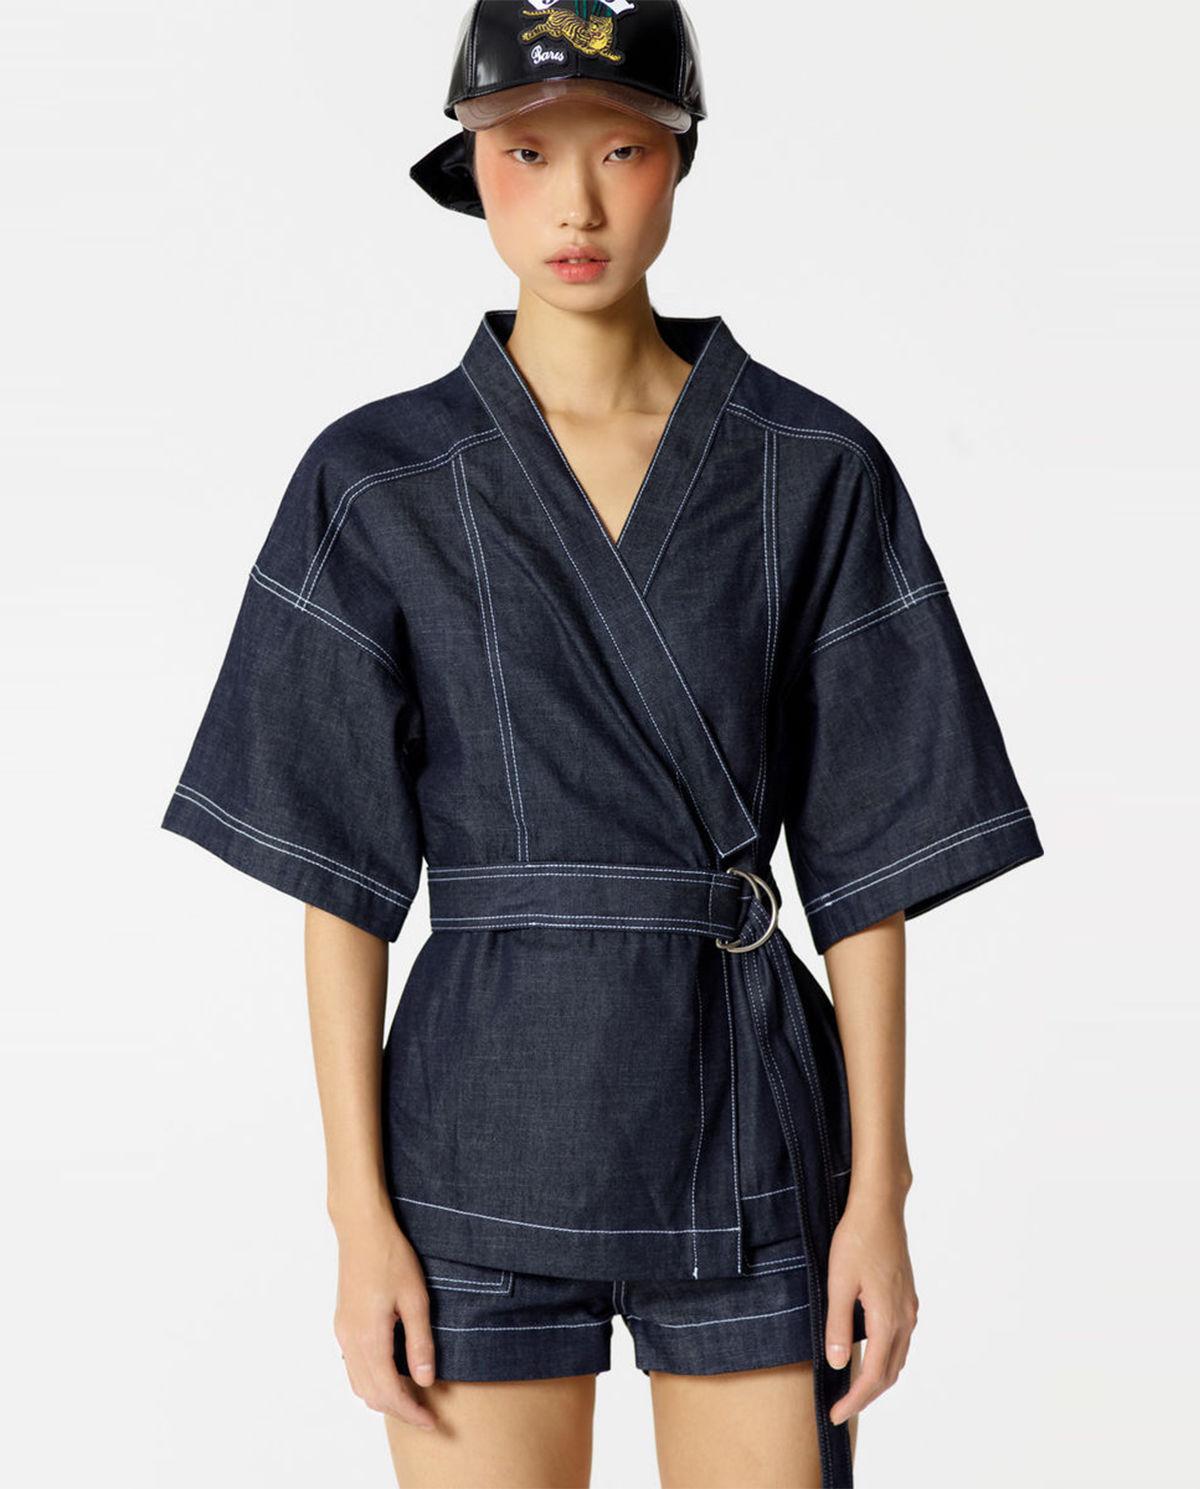 4a5555733eeea4 Kimono z kolekcji kenzolovesbritney KENZO – Kup Teraz! Najlepsze ceny i  opinie! Sklep Moliera2.com